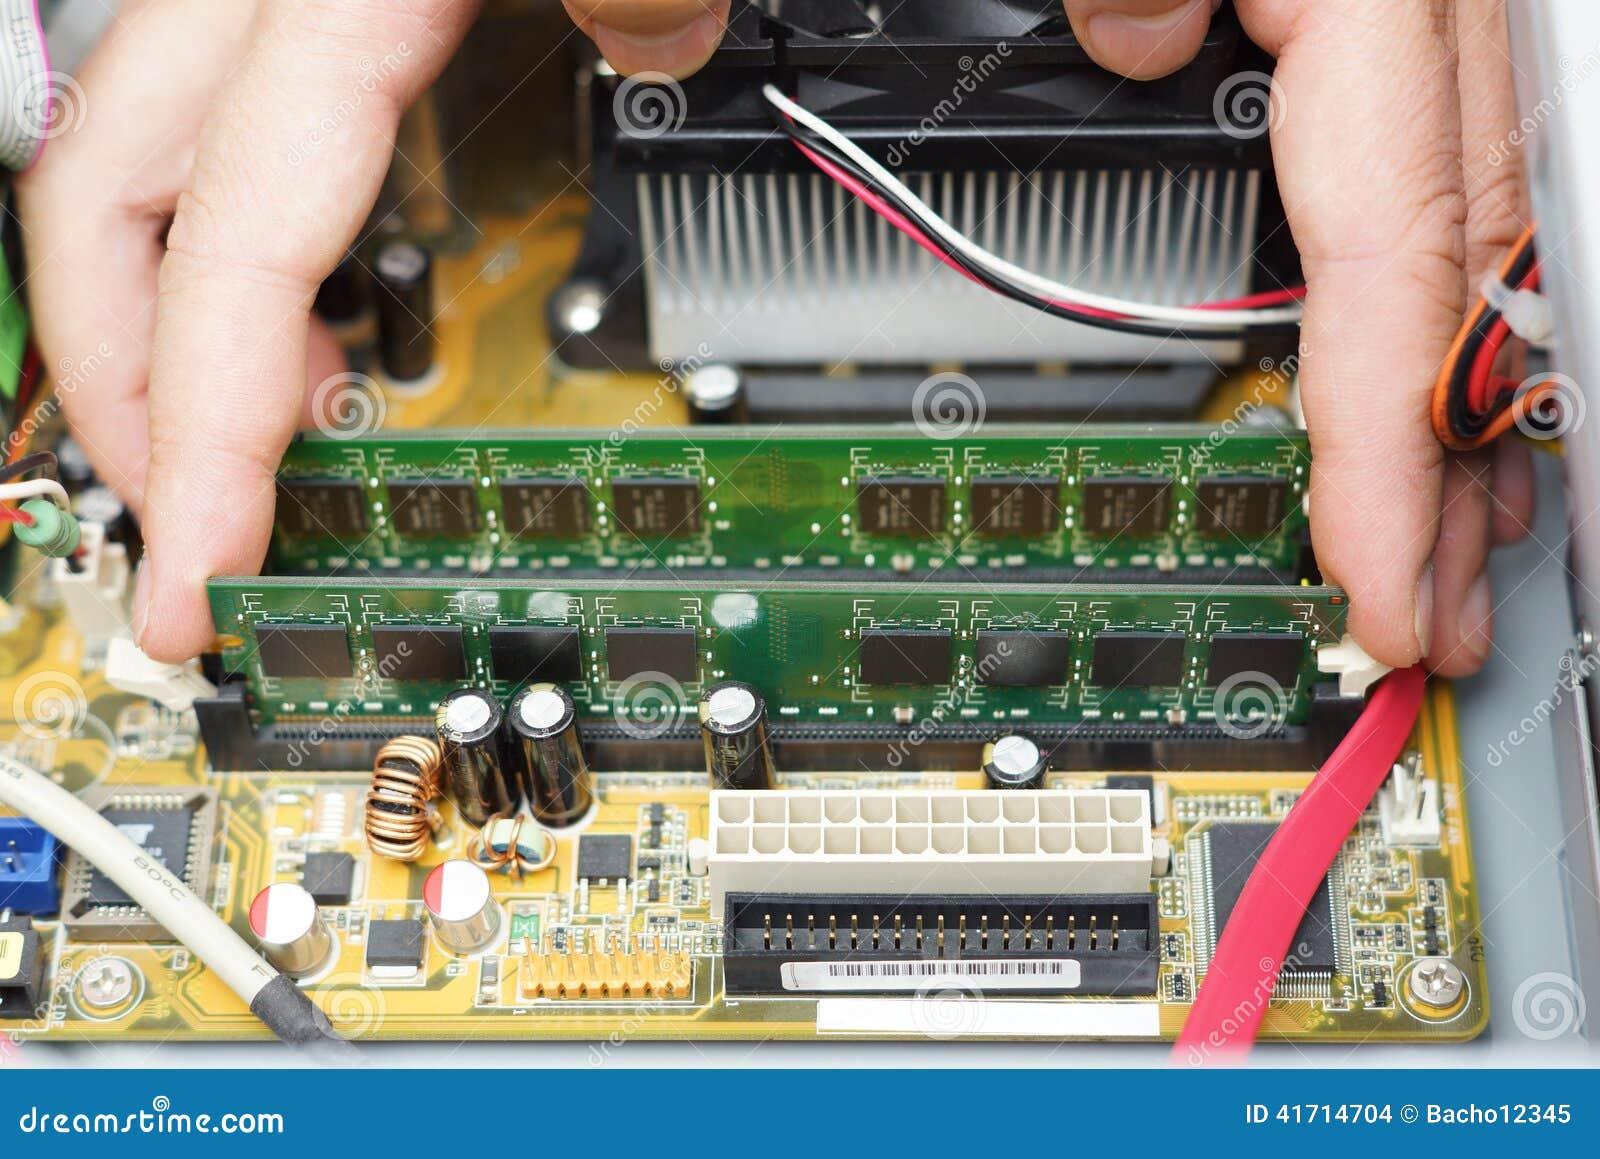 Reparación del ordenador El técnico toma el módulo de la memoria de acceso aleatorio